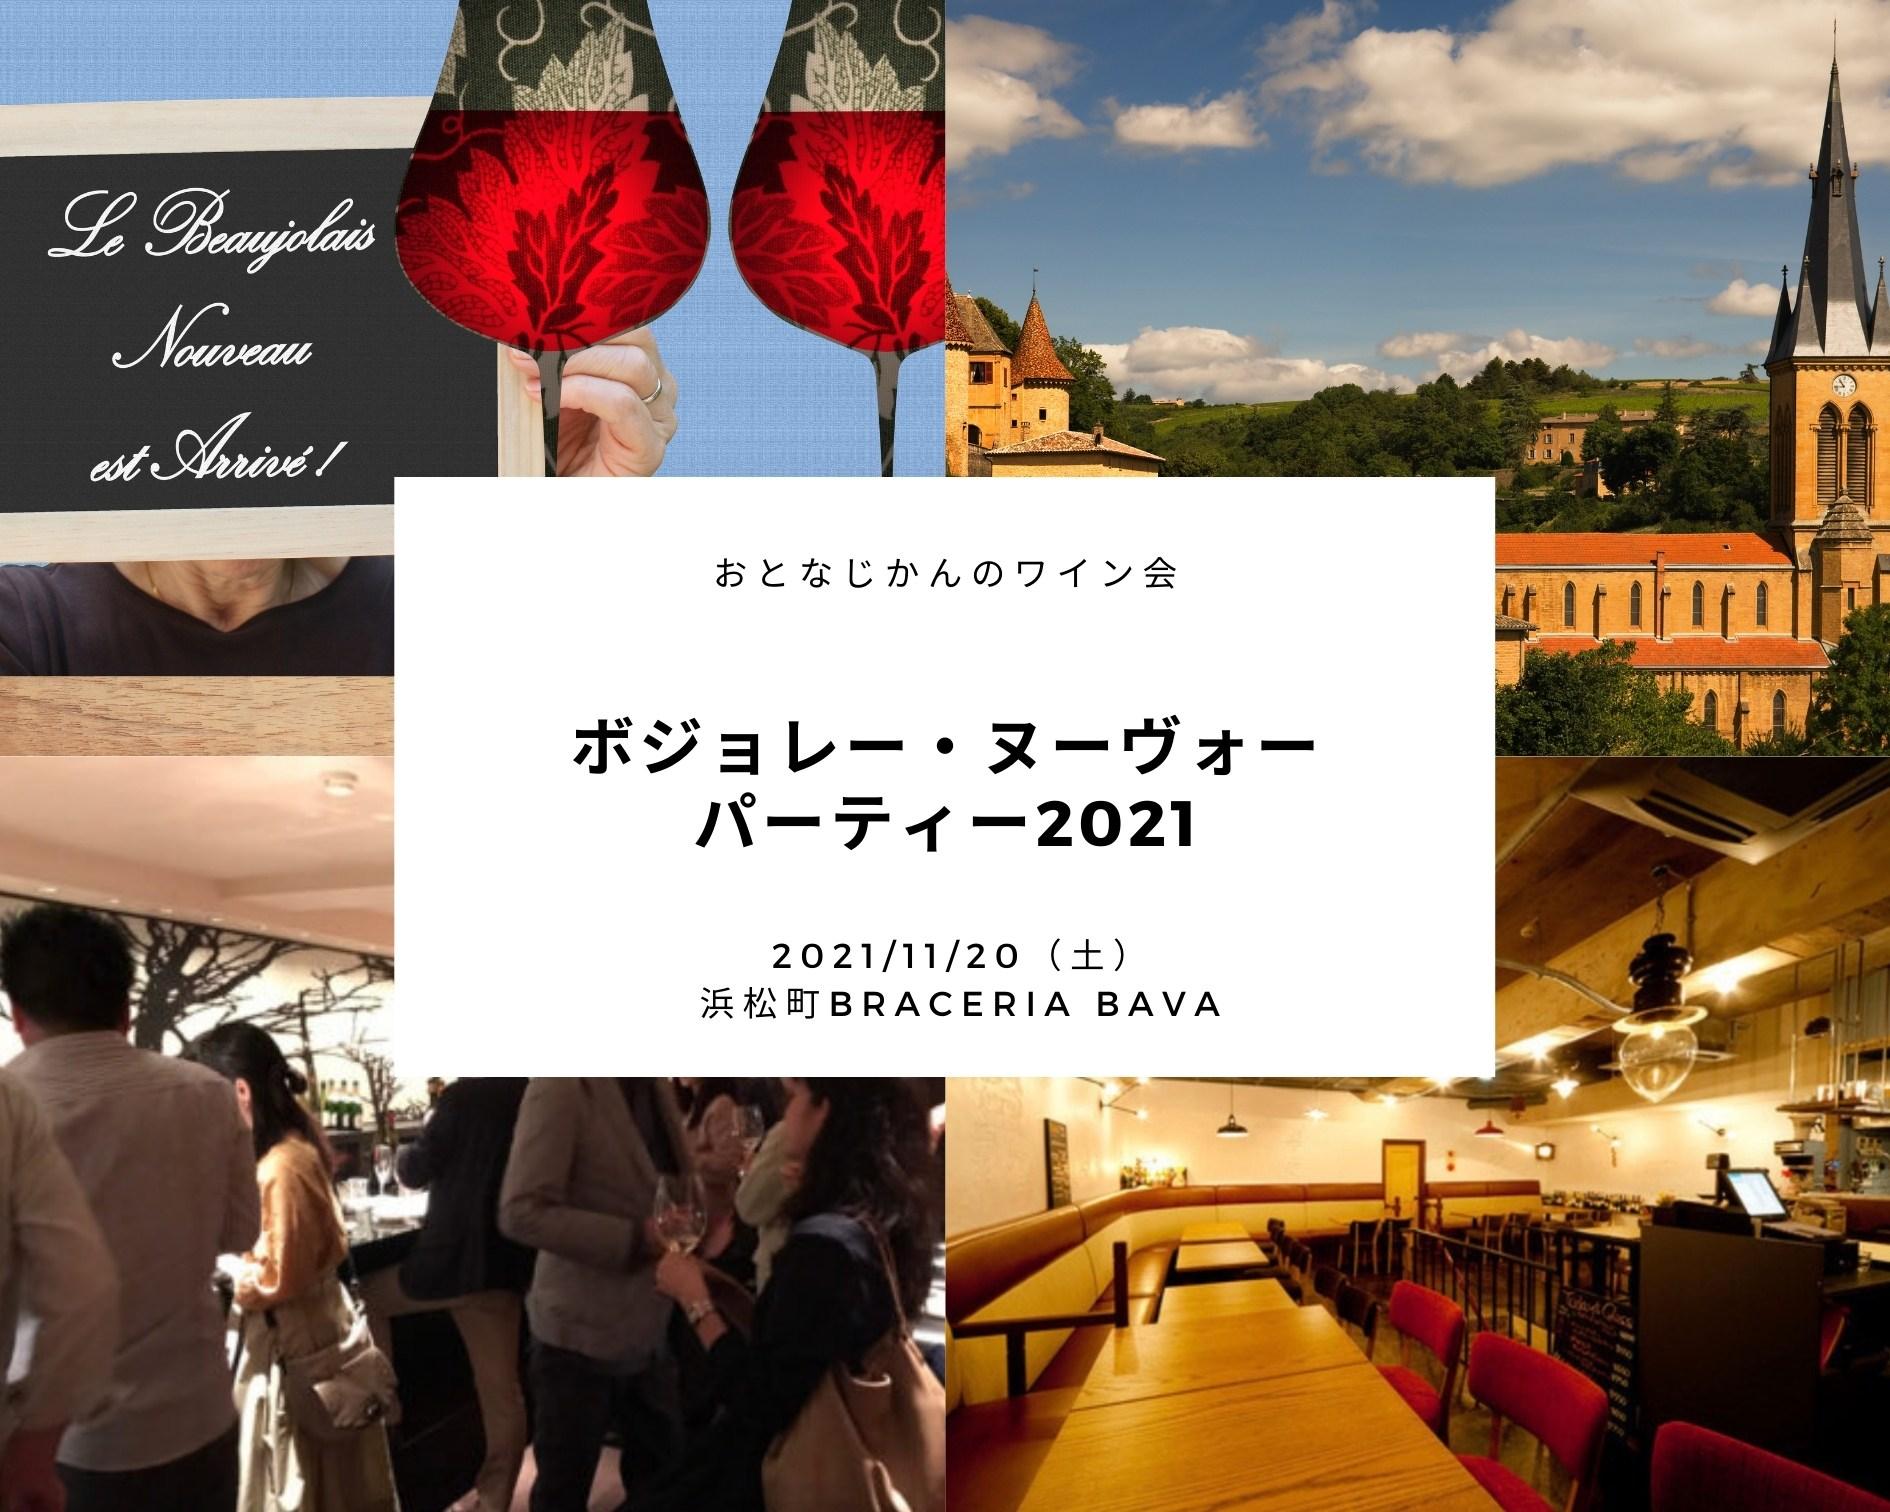 ボジョレー・ヌーヴォー・パーティーワイン会2021